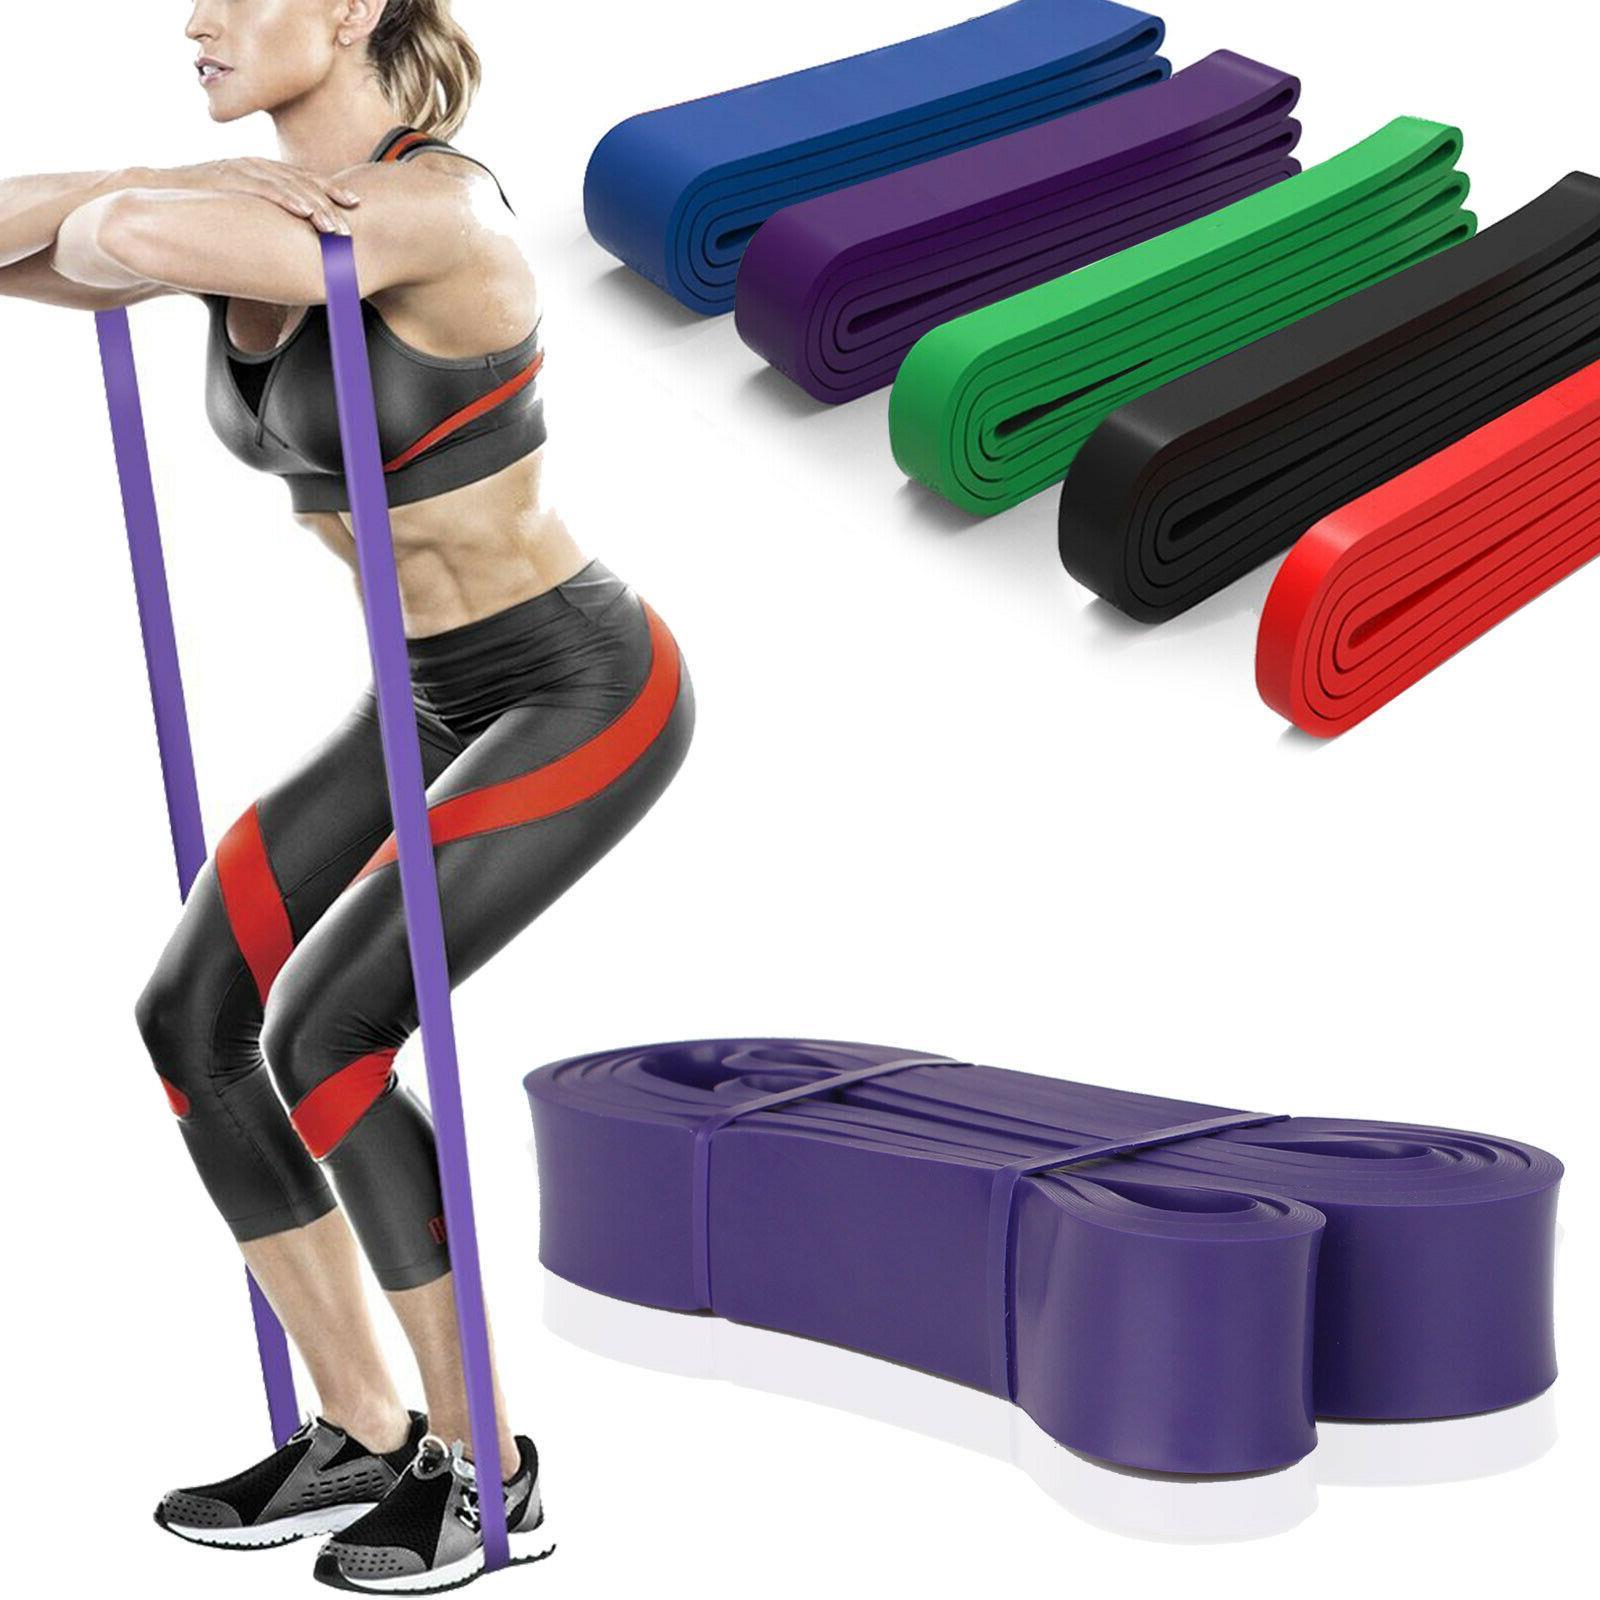 Fitness Resistance Bands Expander